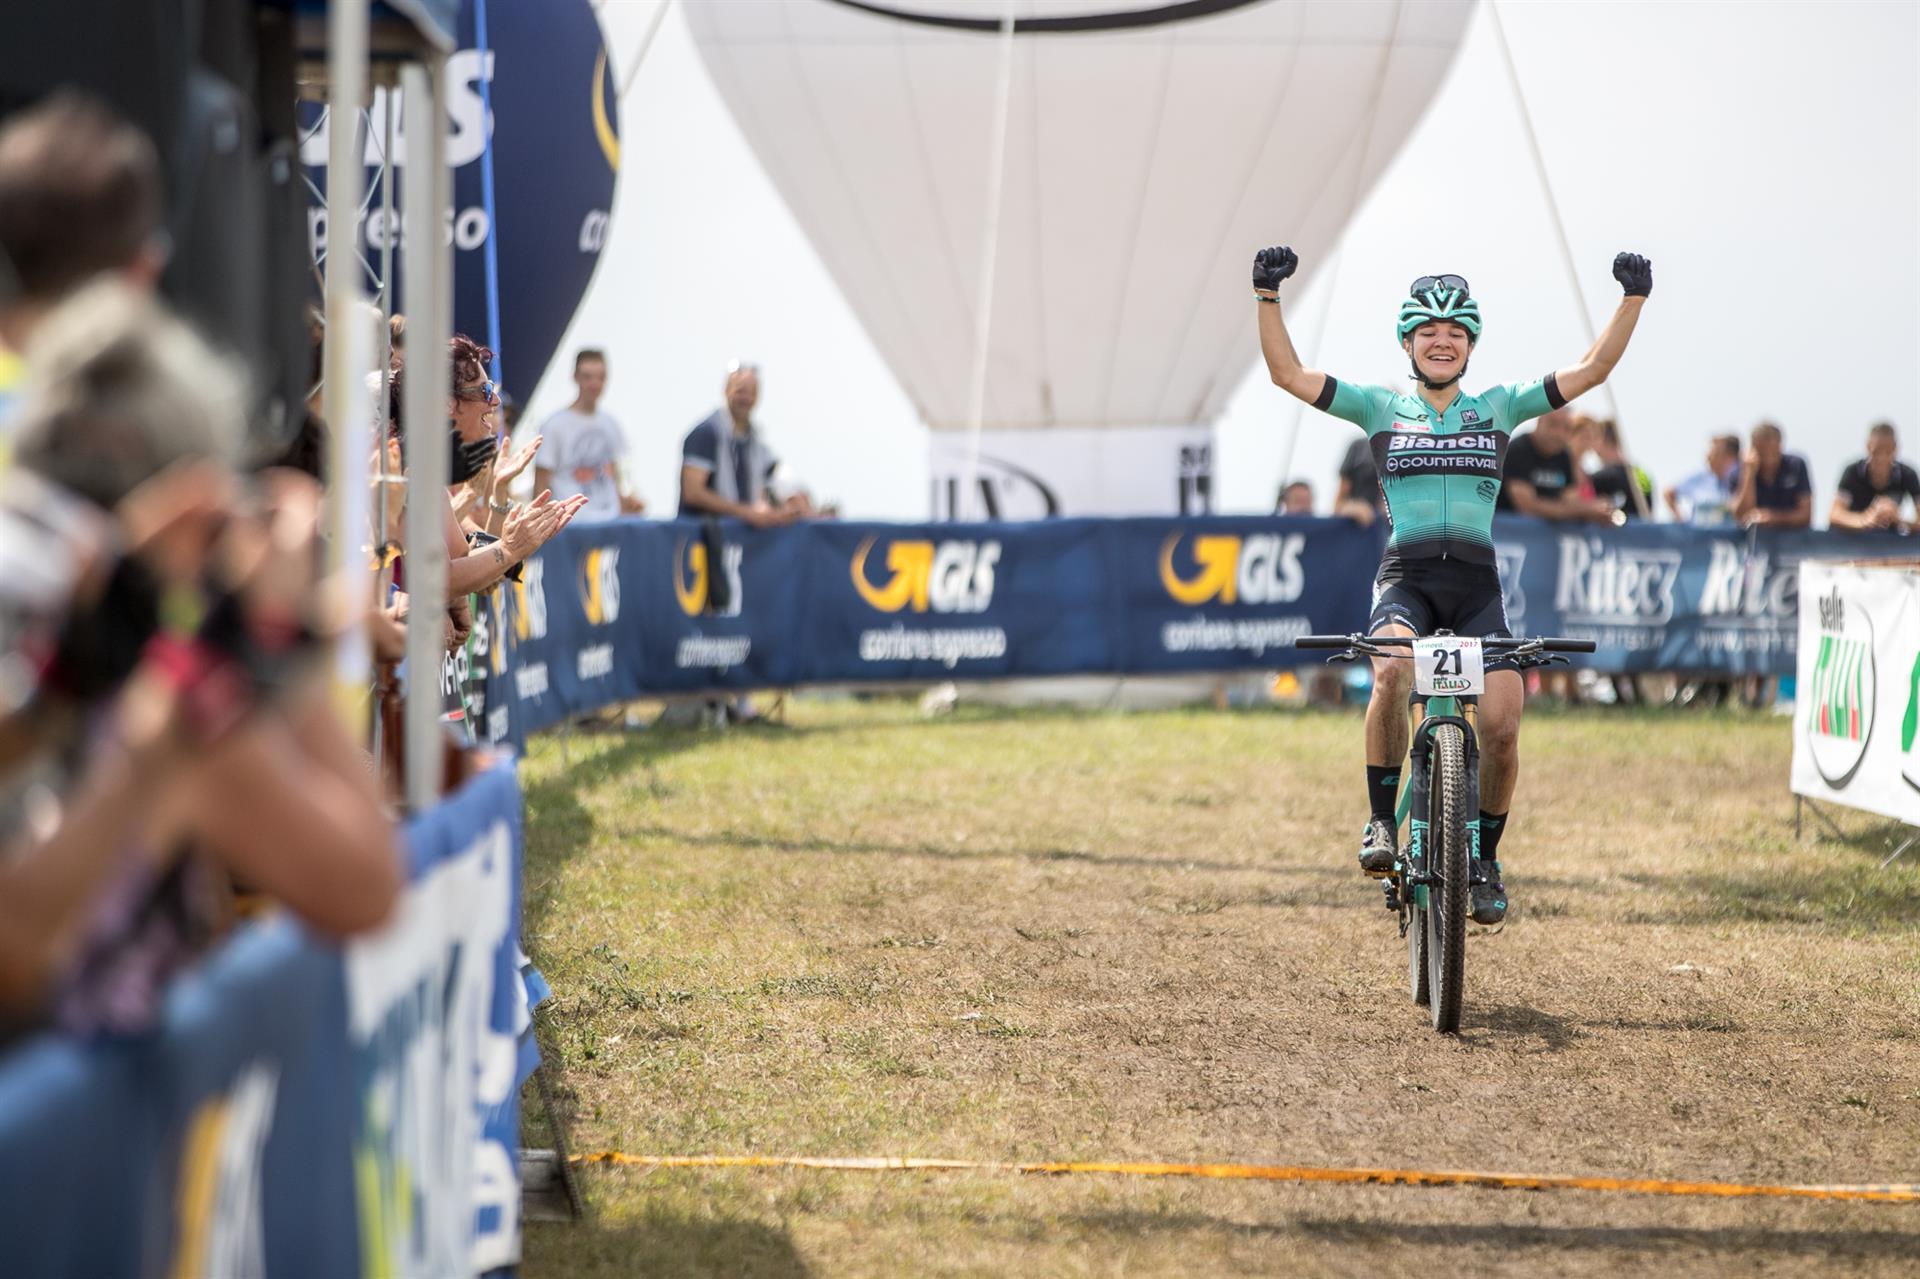 La vittoria di Chiara Teocchi nel Campionato Italiano XCO categoria Donne Under 23 2017